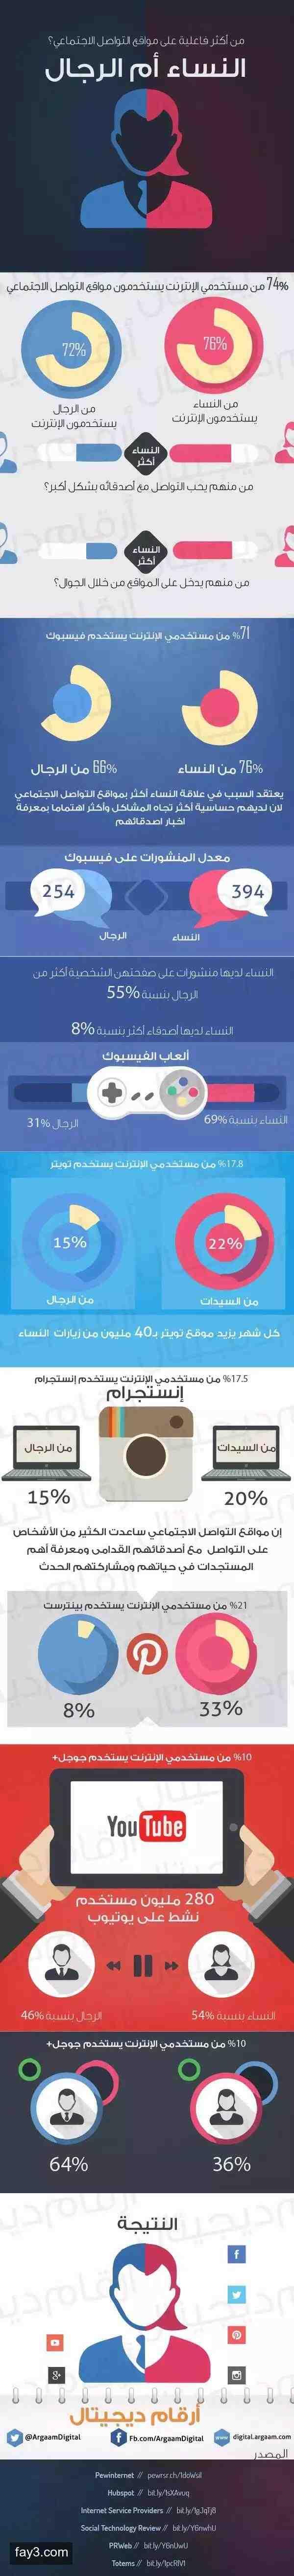 النساء هن الأكثر فاعلية على مواقع التواصل الاجتماعي انفوجرافيك Infographic Knowledge